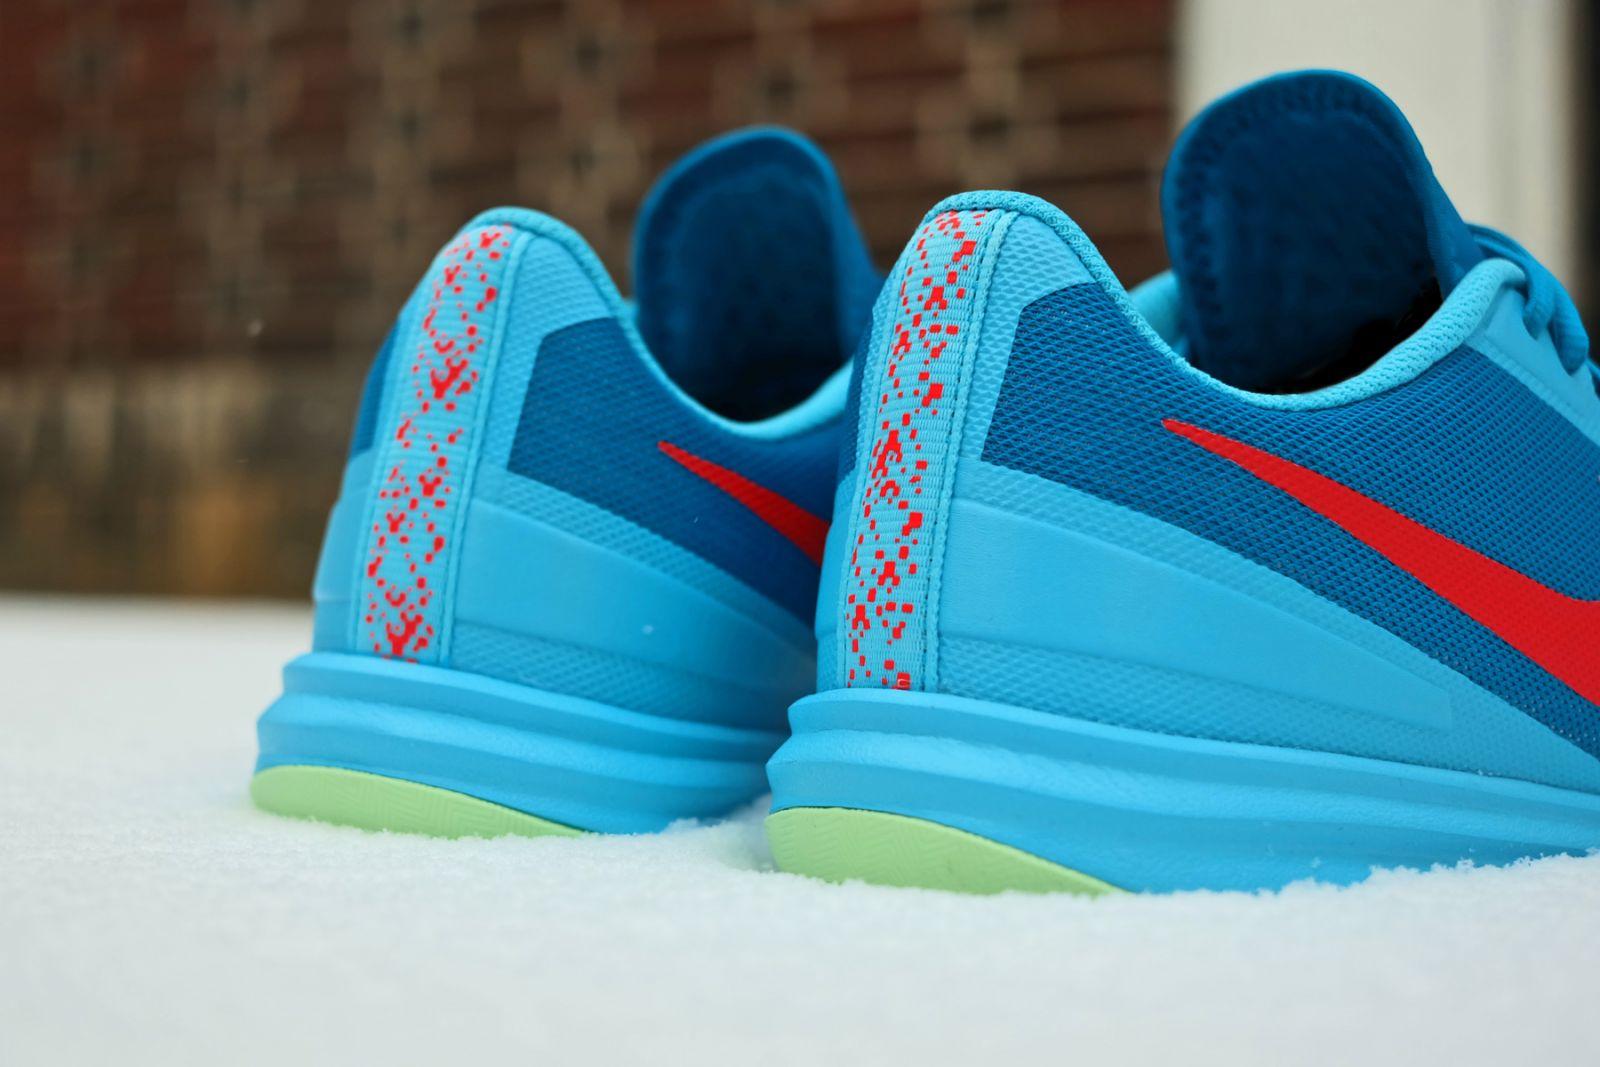 ... Before the Nike Kobe 10 releases, theres the Nike Kobe Mentality.